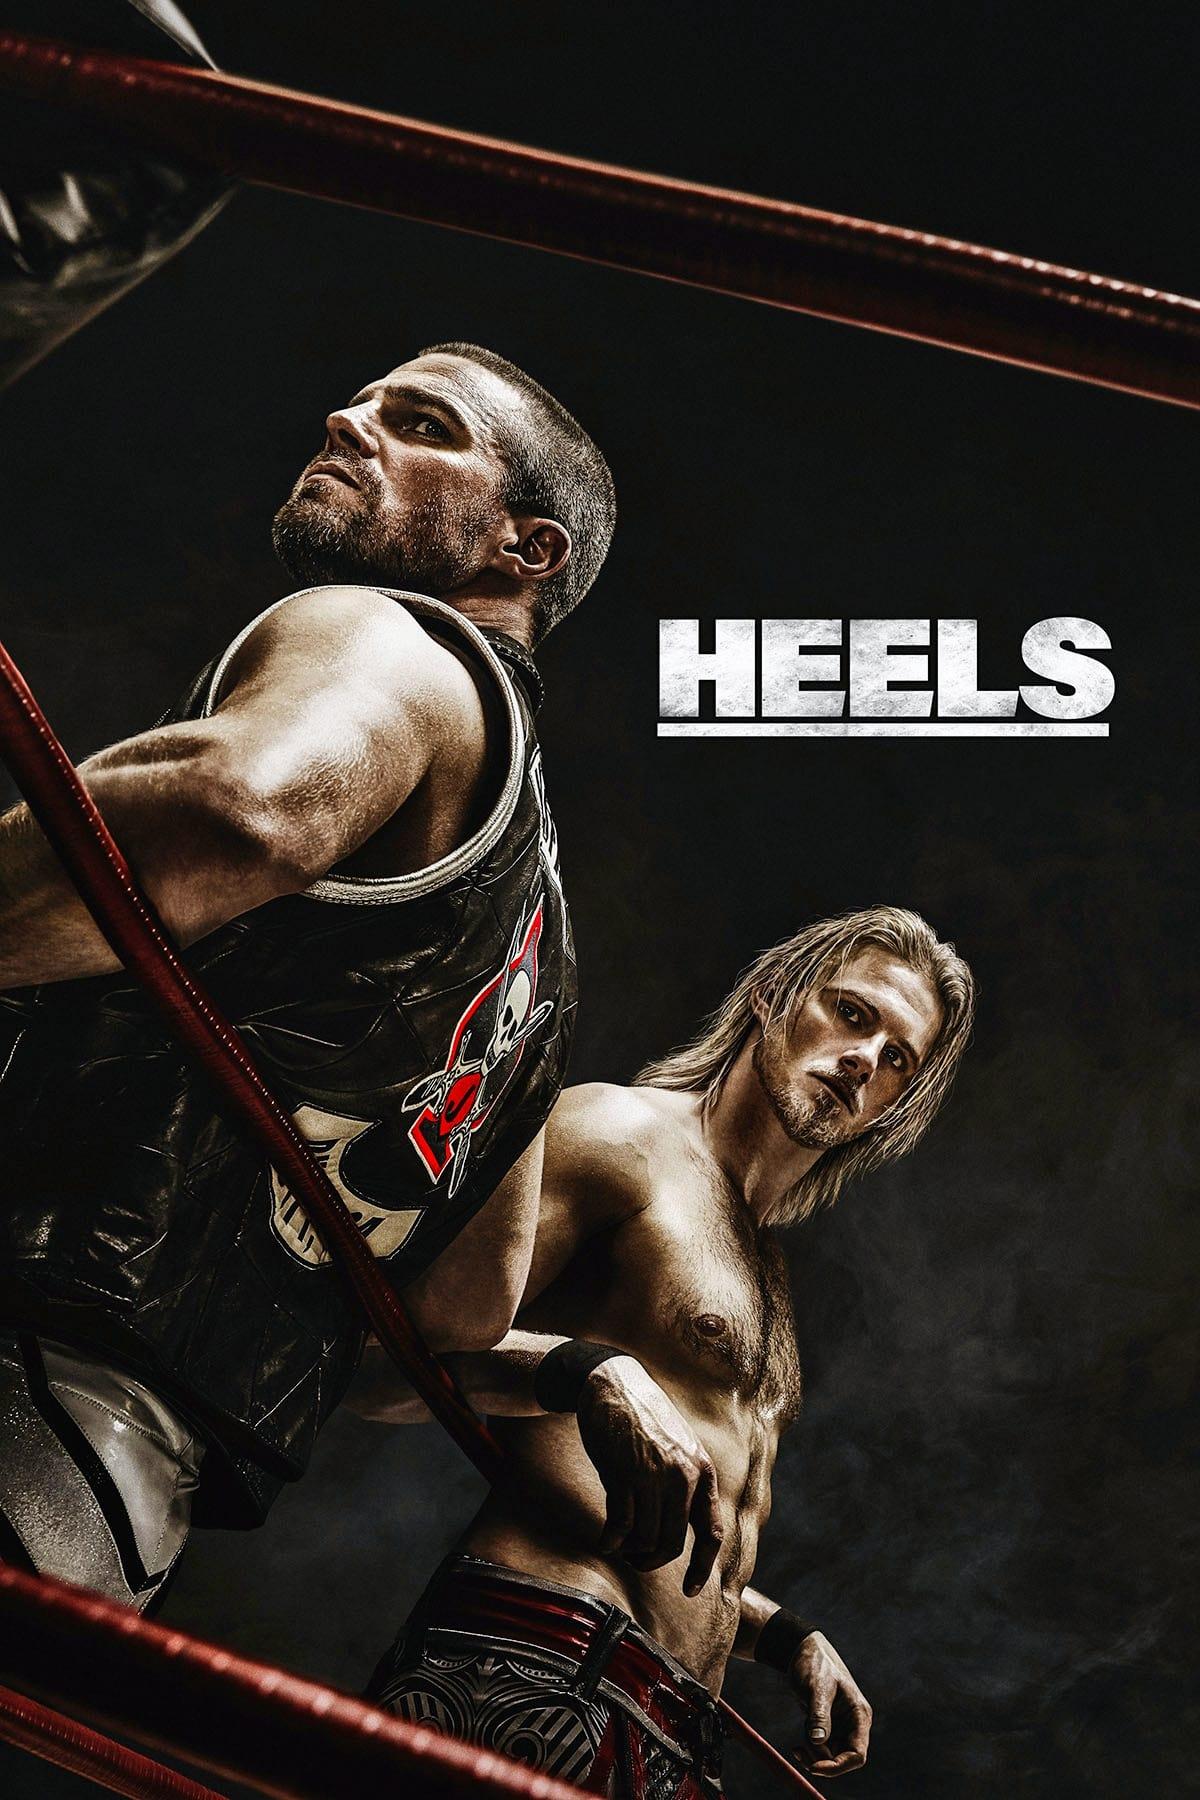 Heels poster